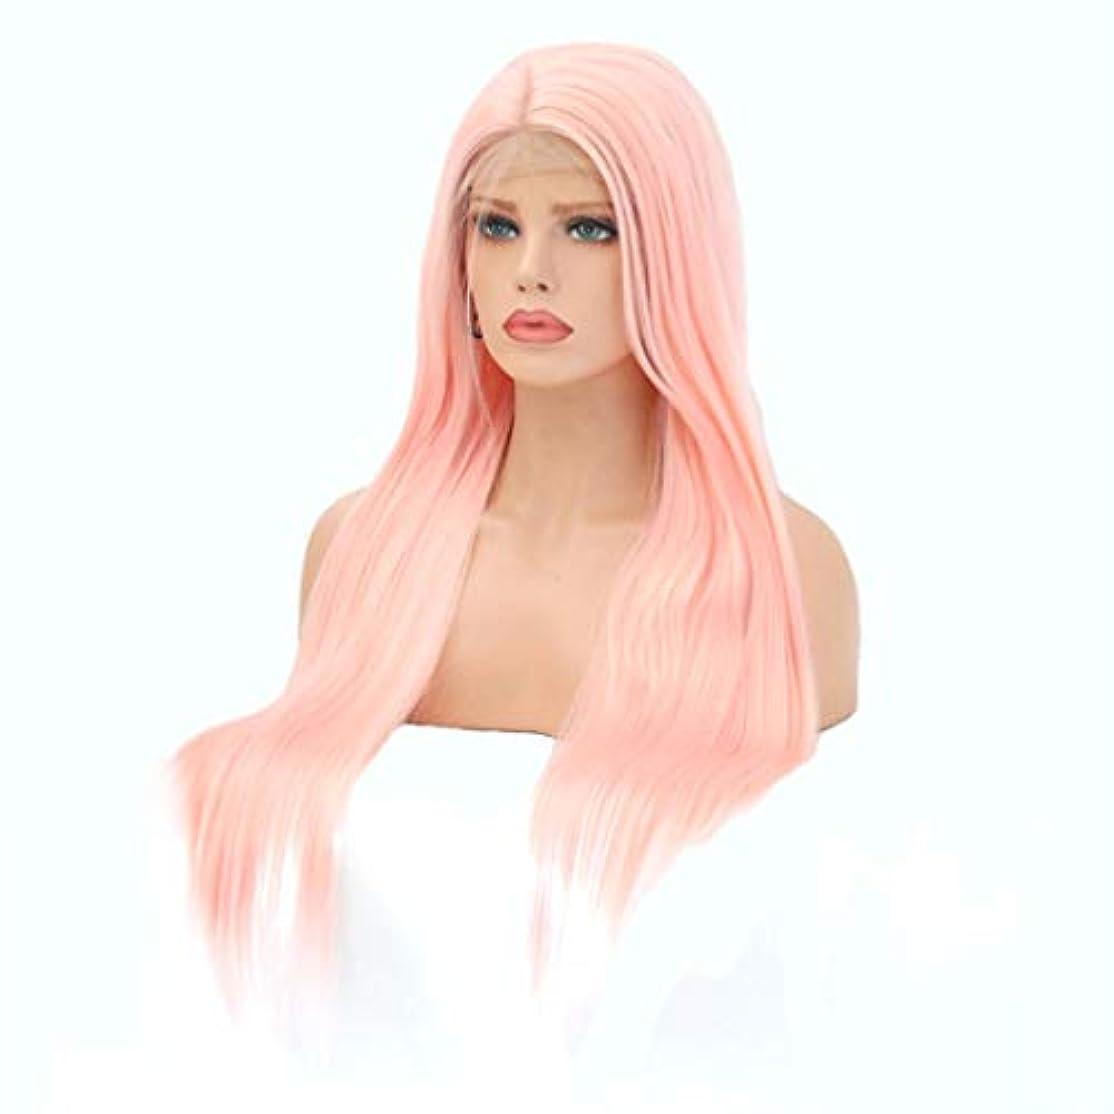 承認雄弁家こどもの日Summerys 女性のためのフロントレースウィッグピンクの長いストレートの髪の化学繊維ウィッグヘッドギア